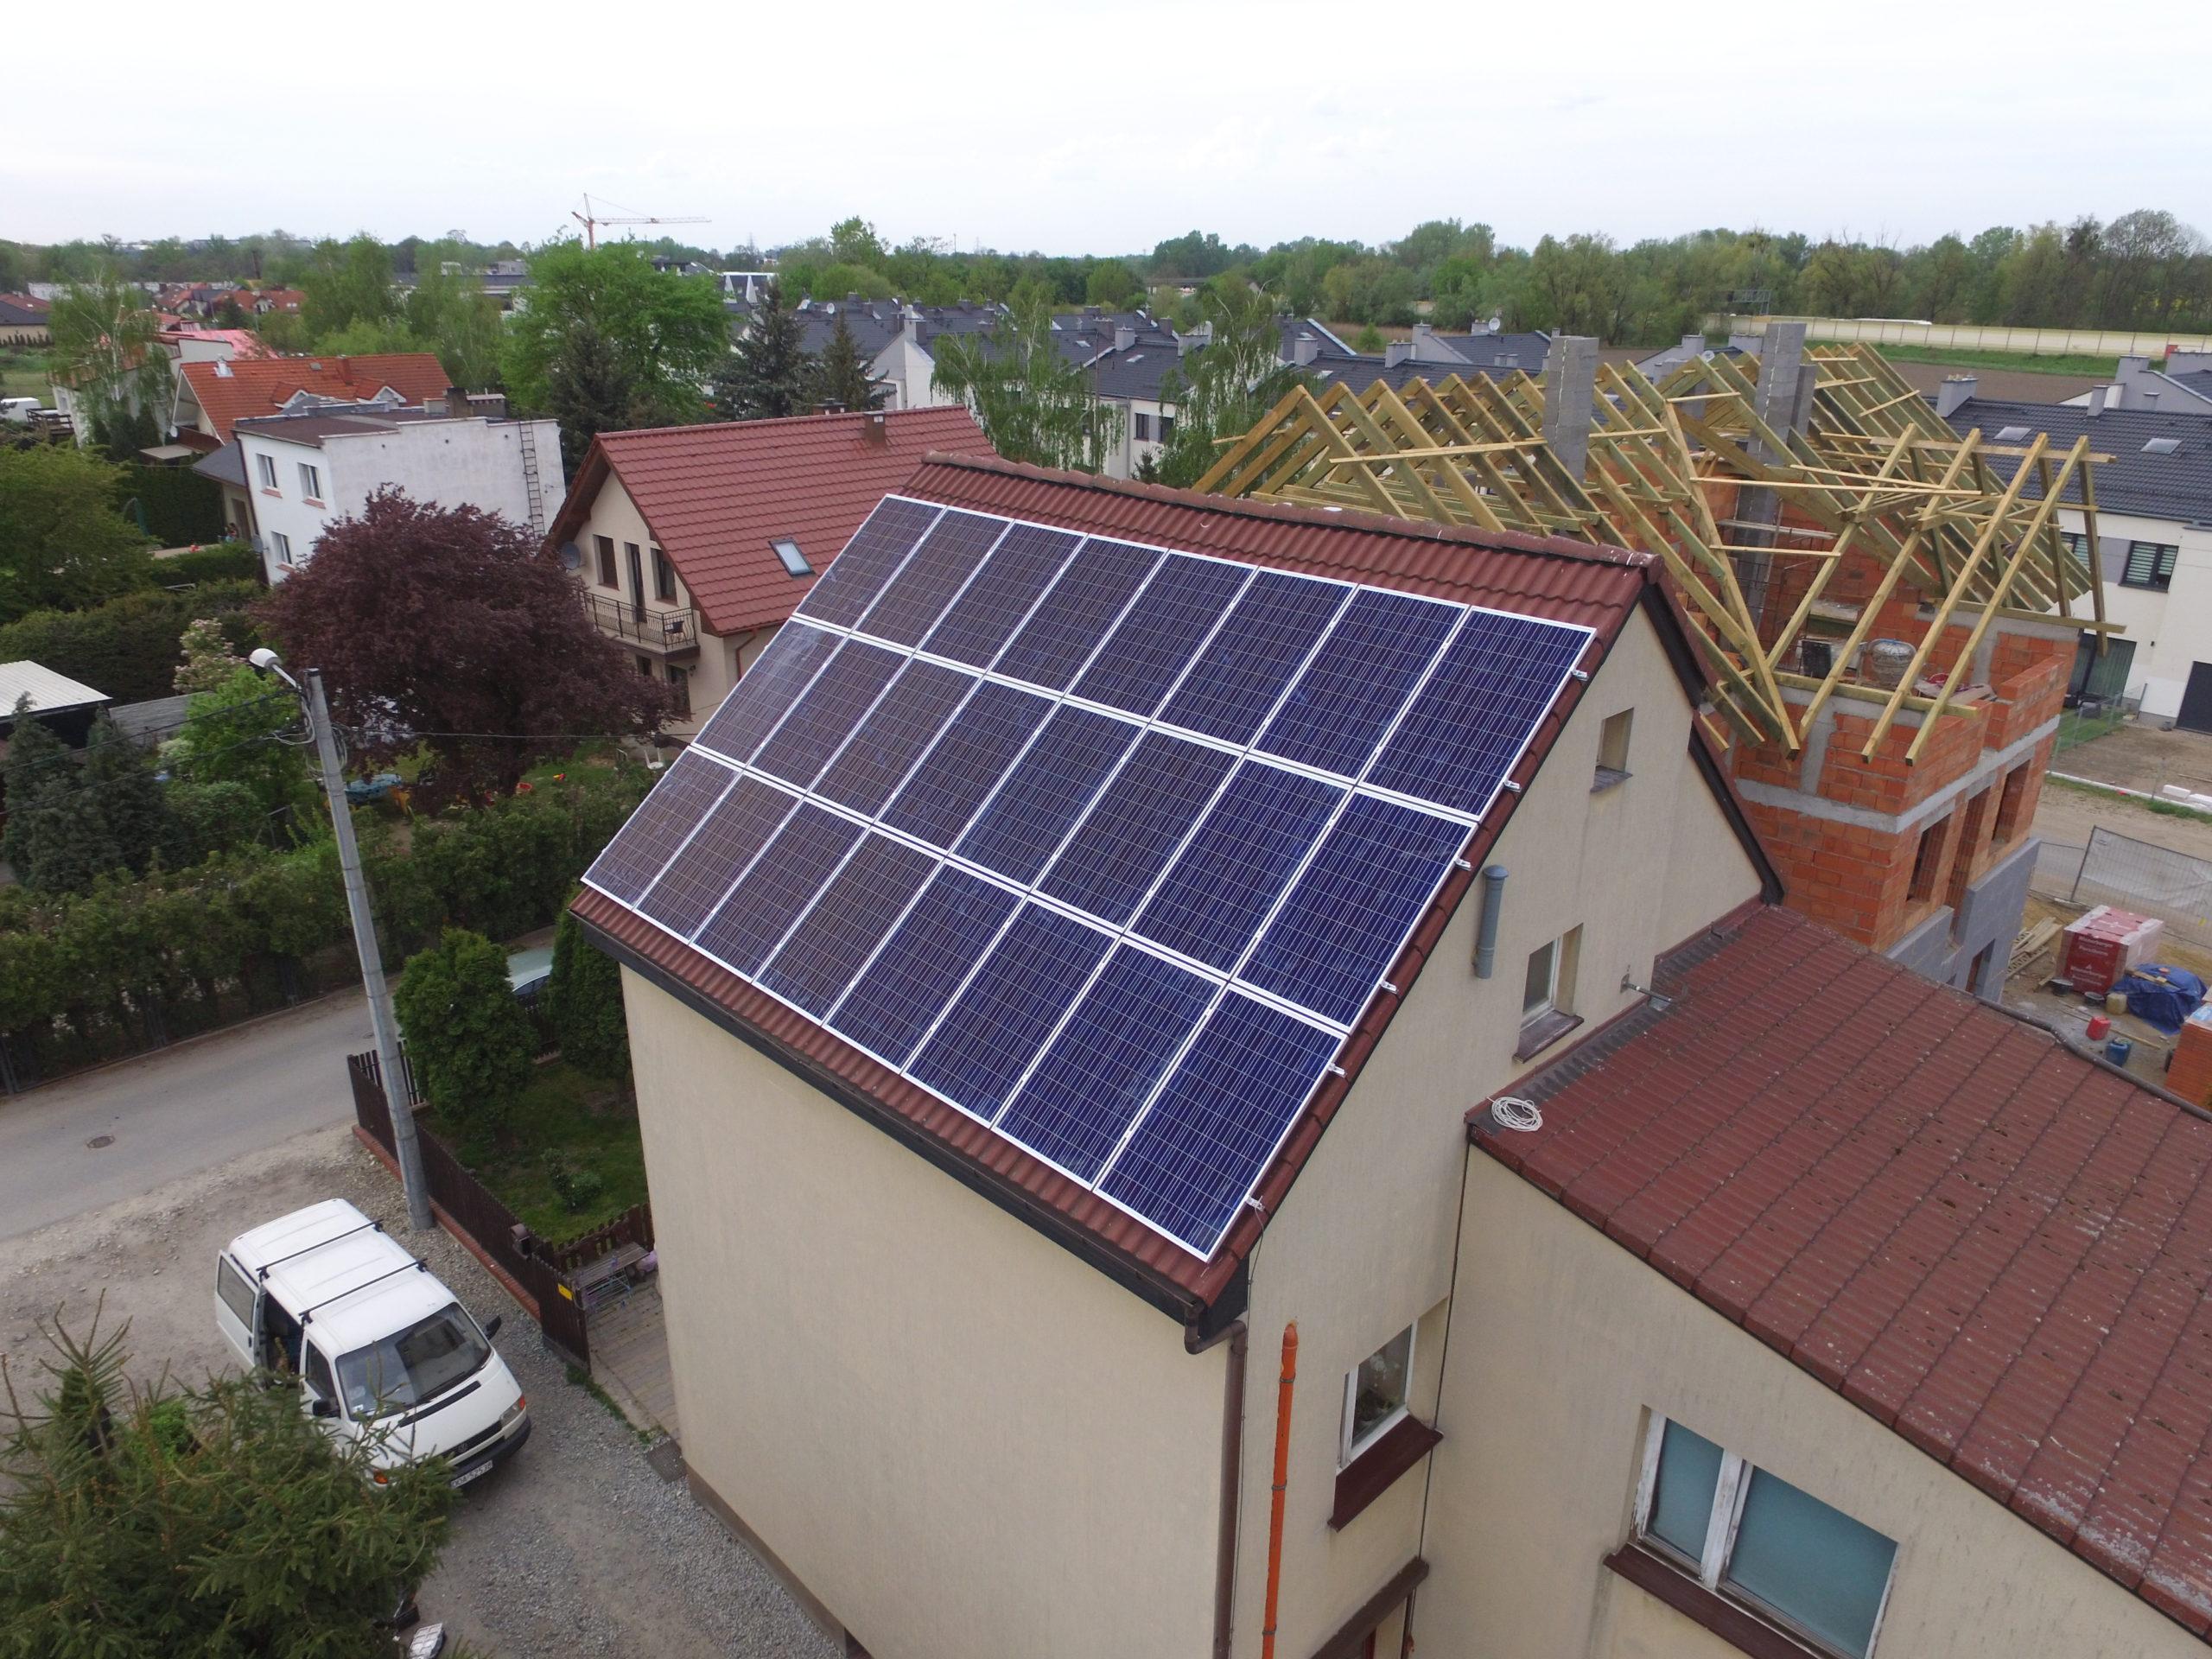 Instalacja fotowoltaiczna o mocy 6 kWp na budynku mieszkalnym, Ślęza